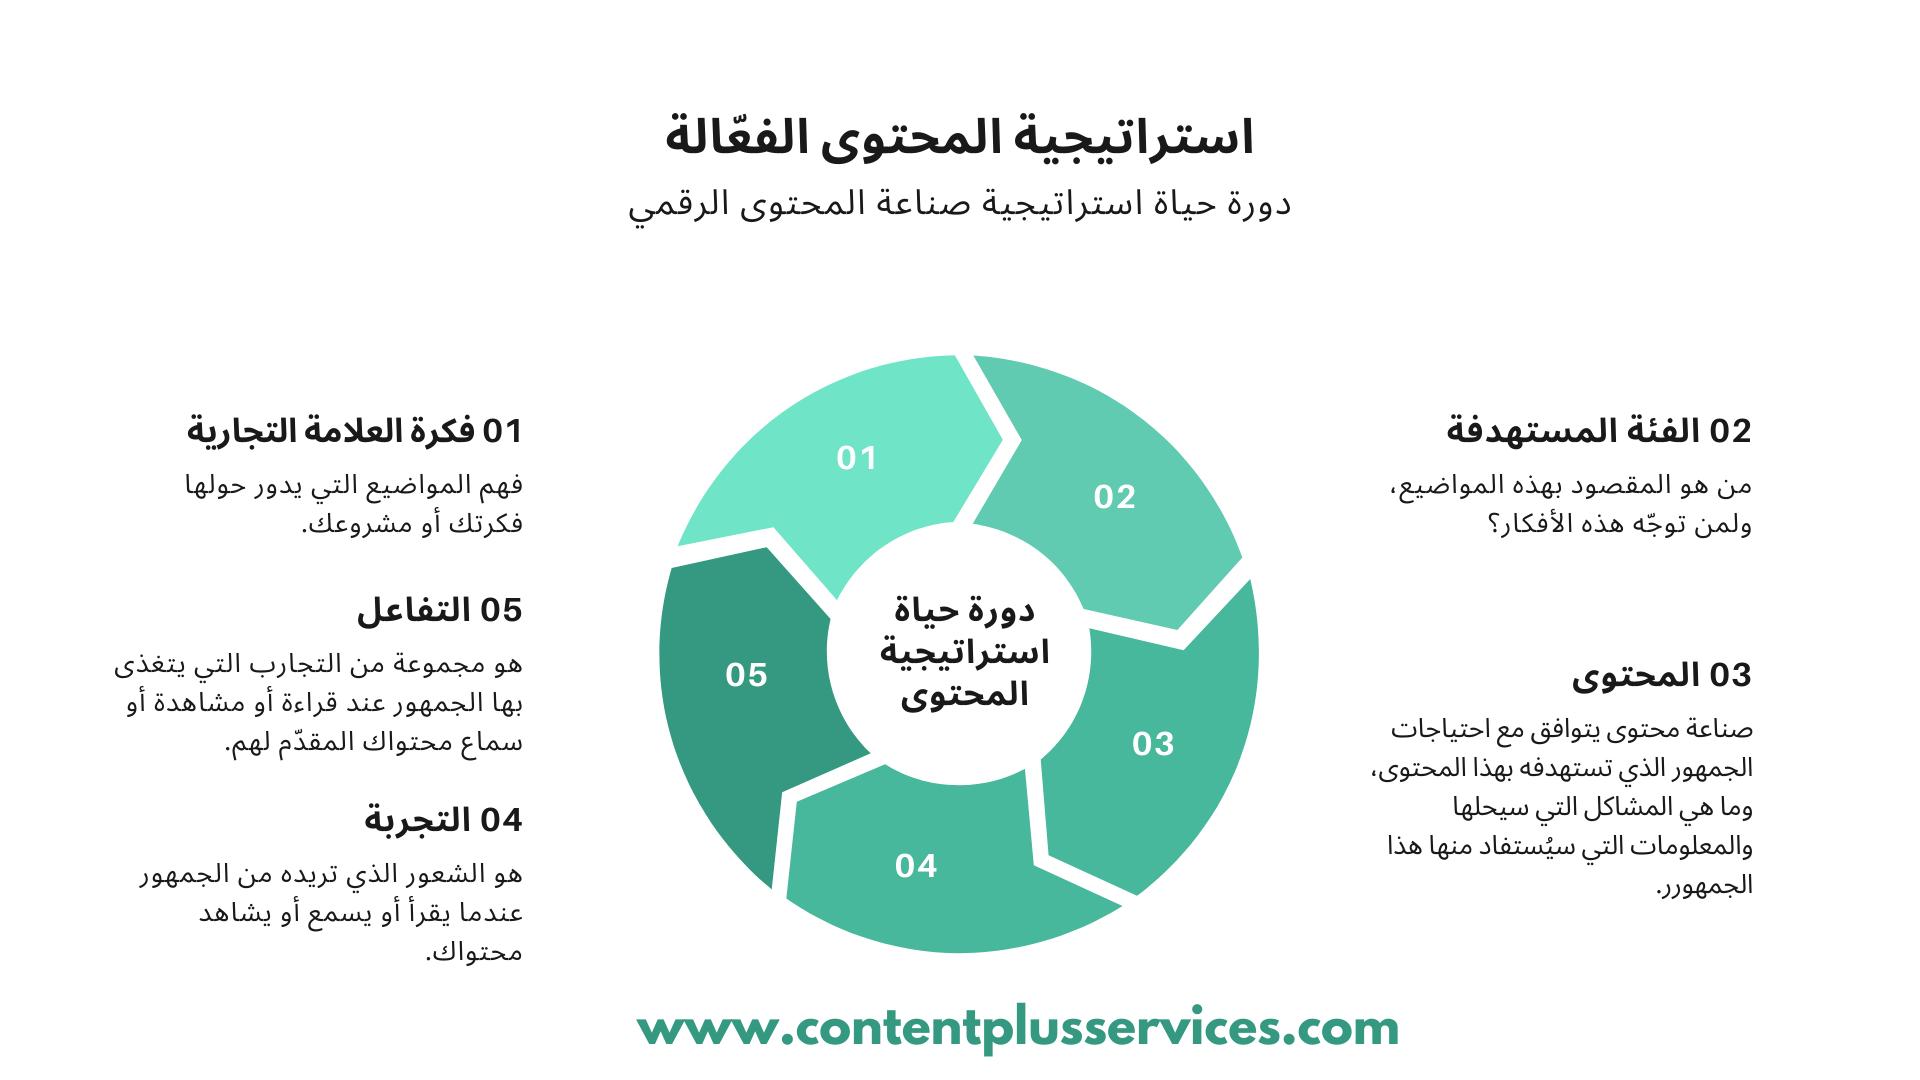 دورة حياة استراتيجية صناعة المحتوى الرقمي